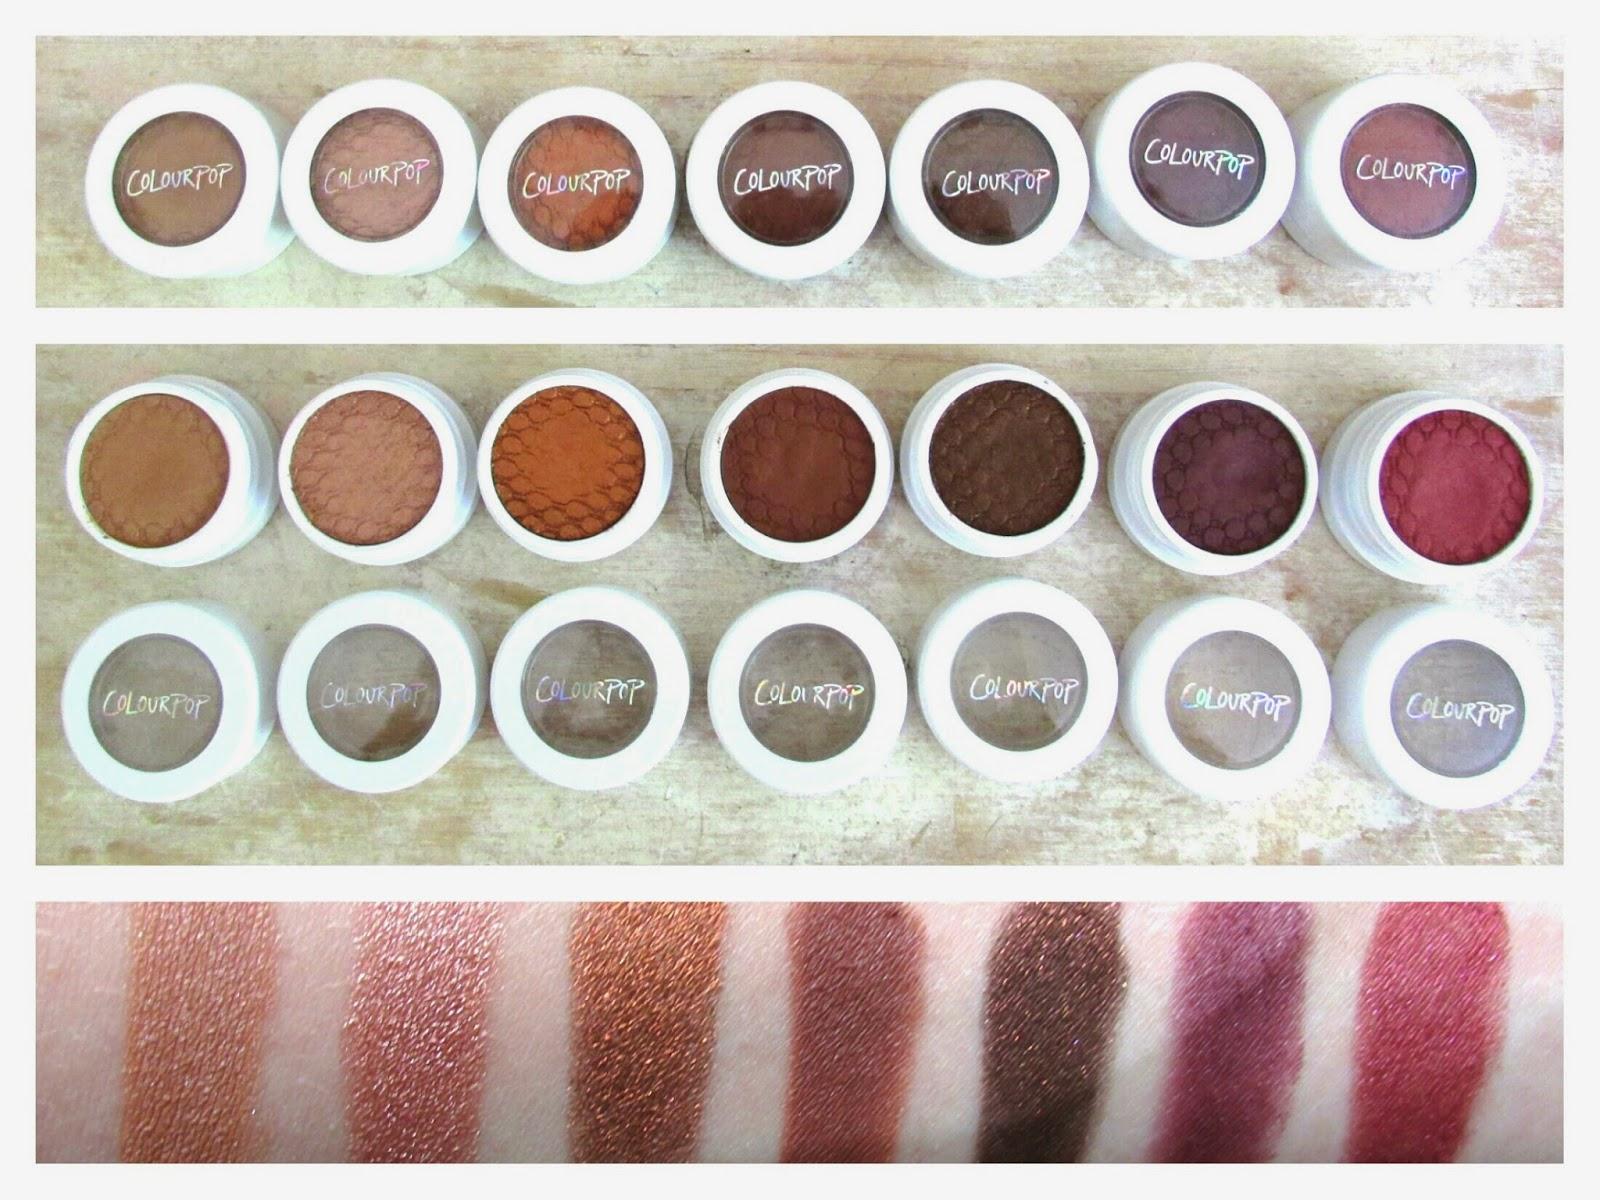 colourpop, colourpop cosmetics, colourpop eyeshadows